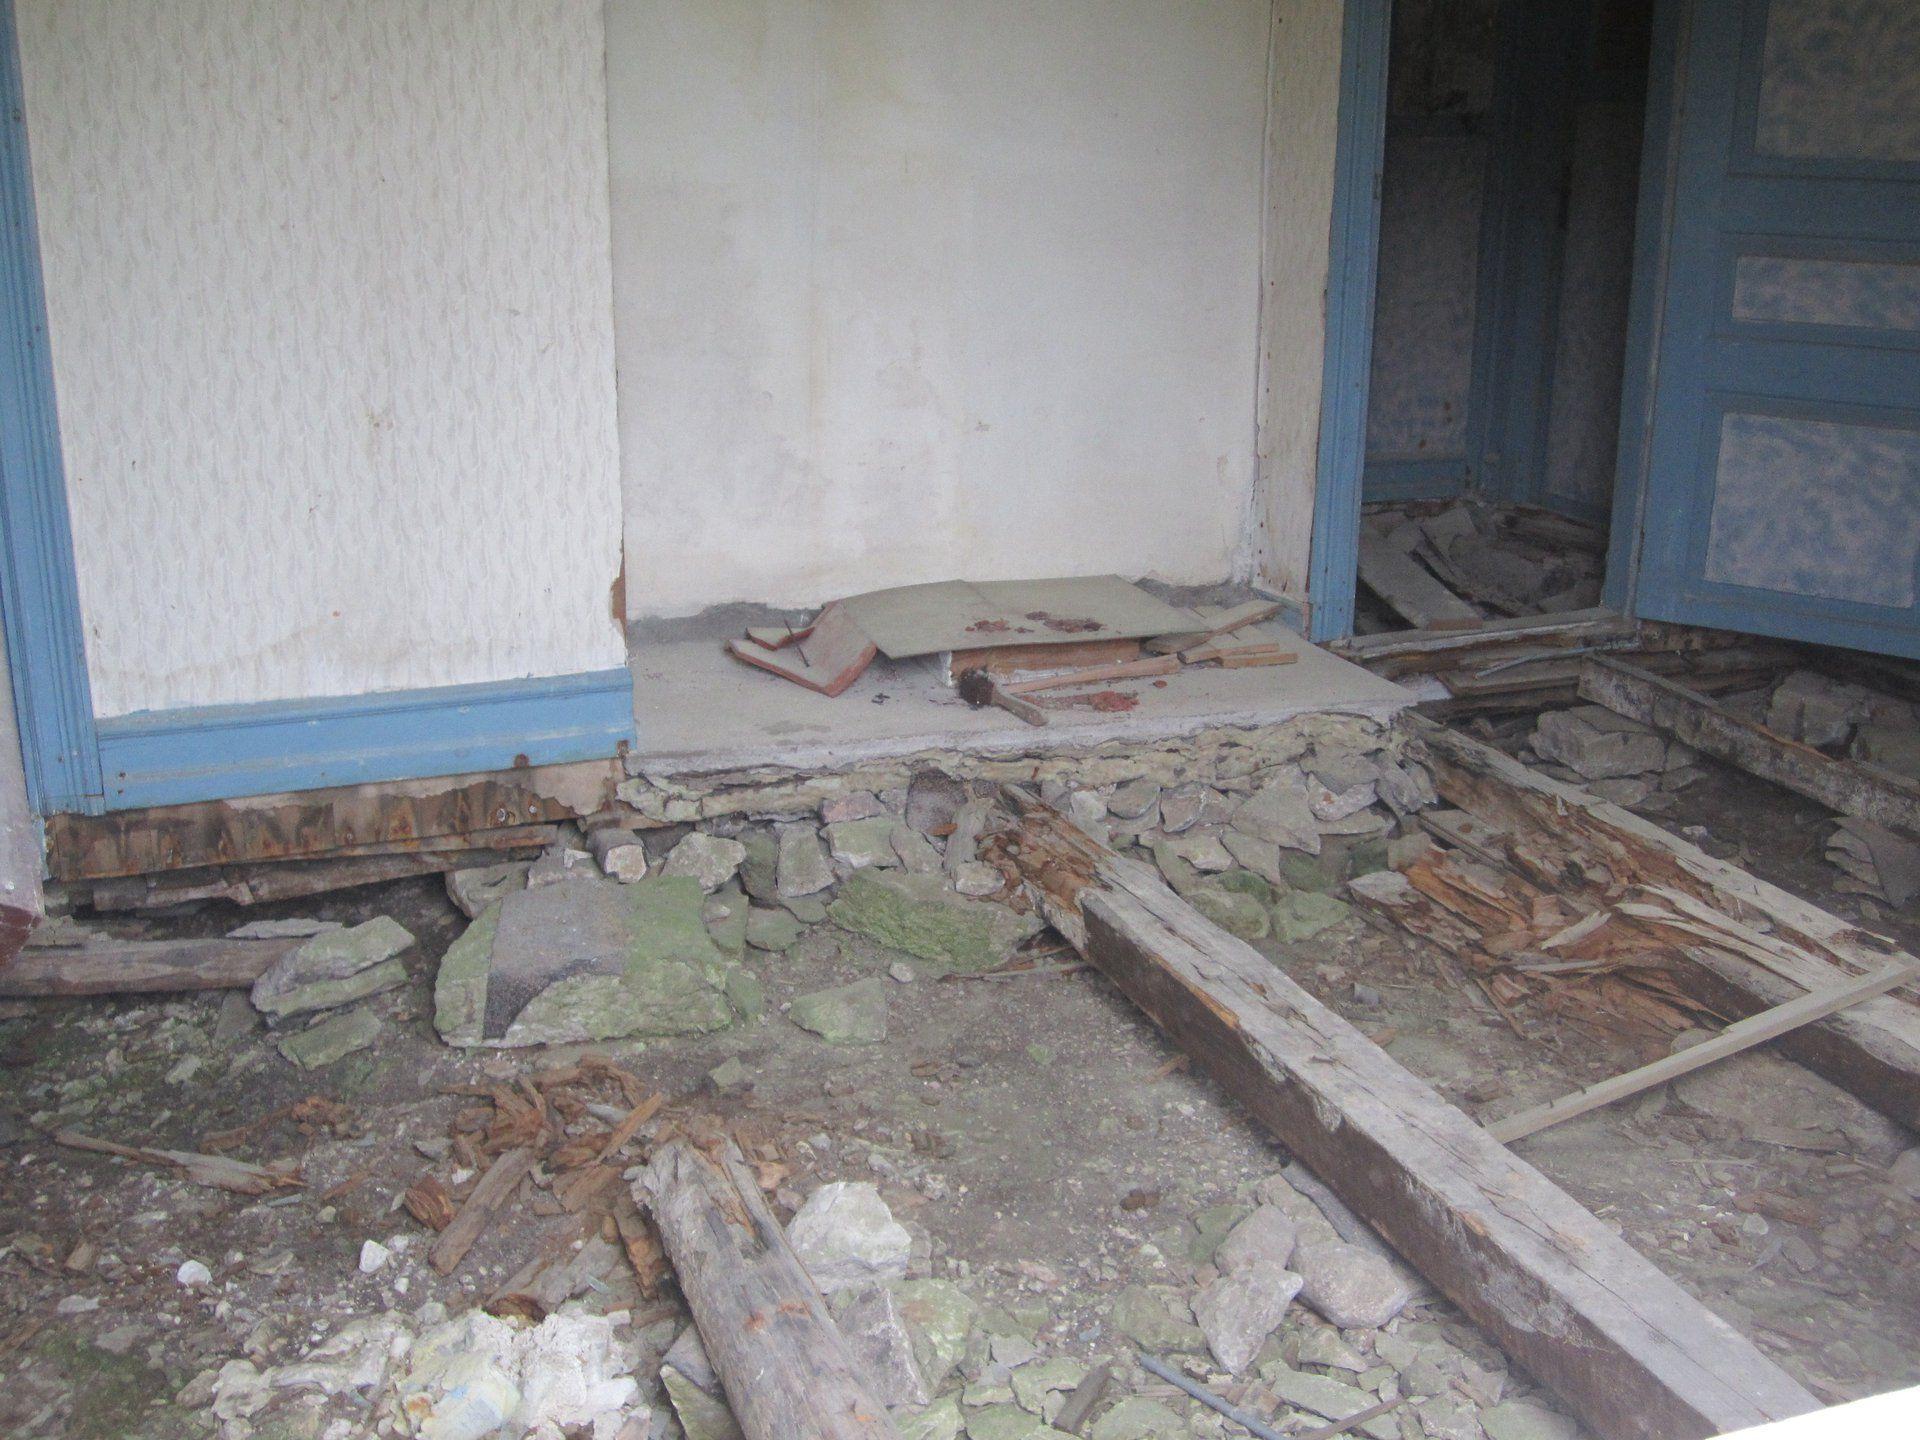 dörrarna och tapeten! http://s3.sfcdn.se/s/resurs/image/6232/large/635192485500000000/46pat3l1j3ap1u3o.jpg